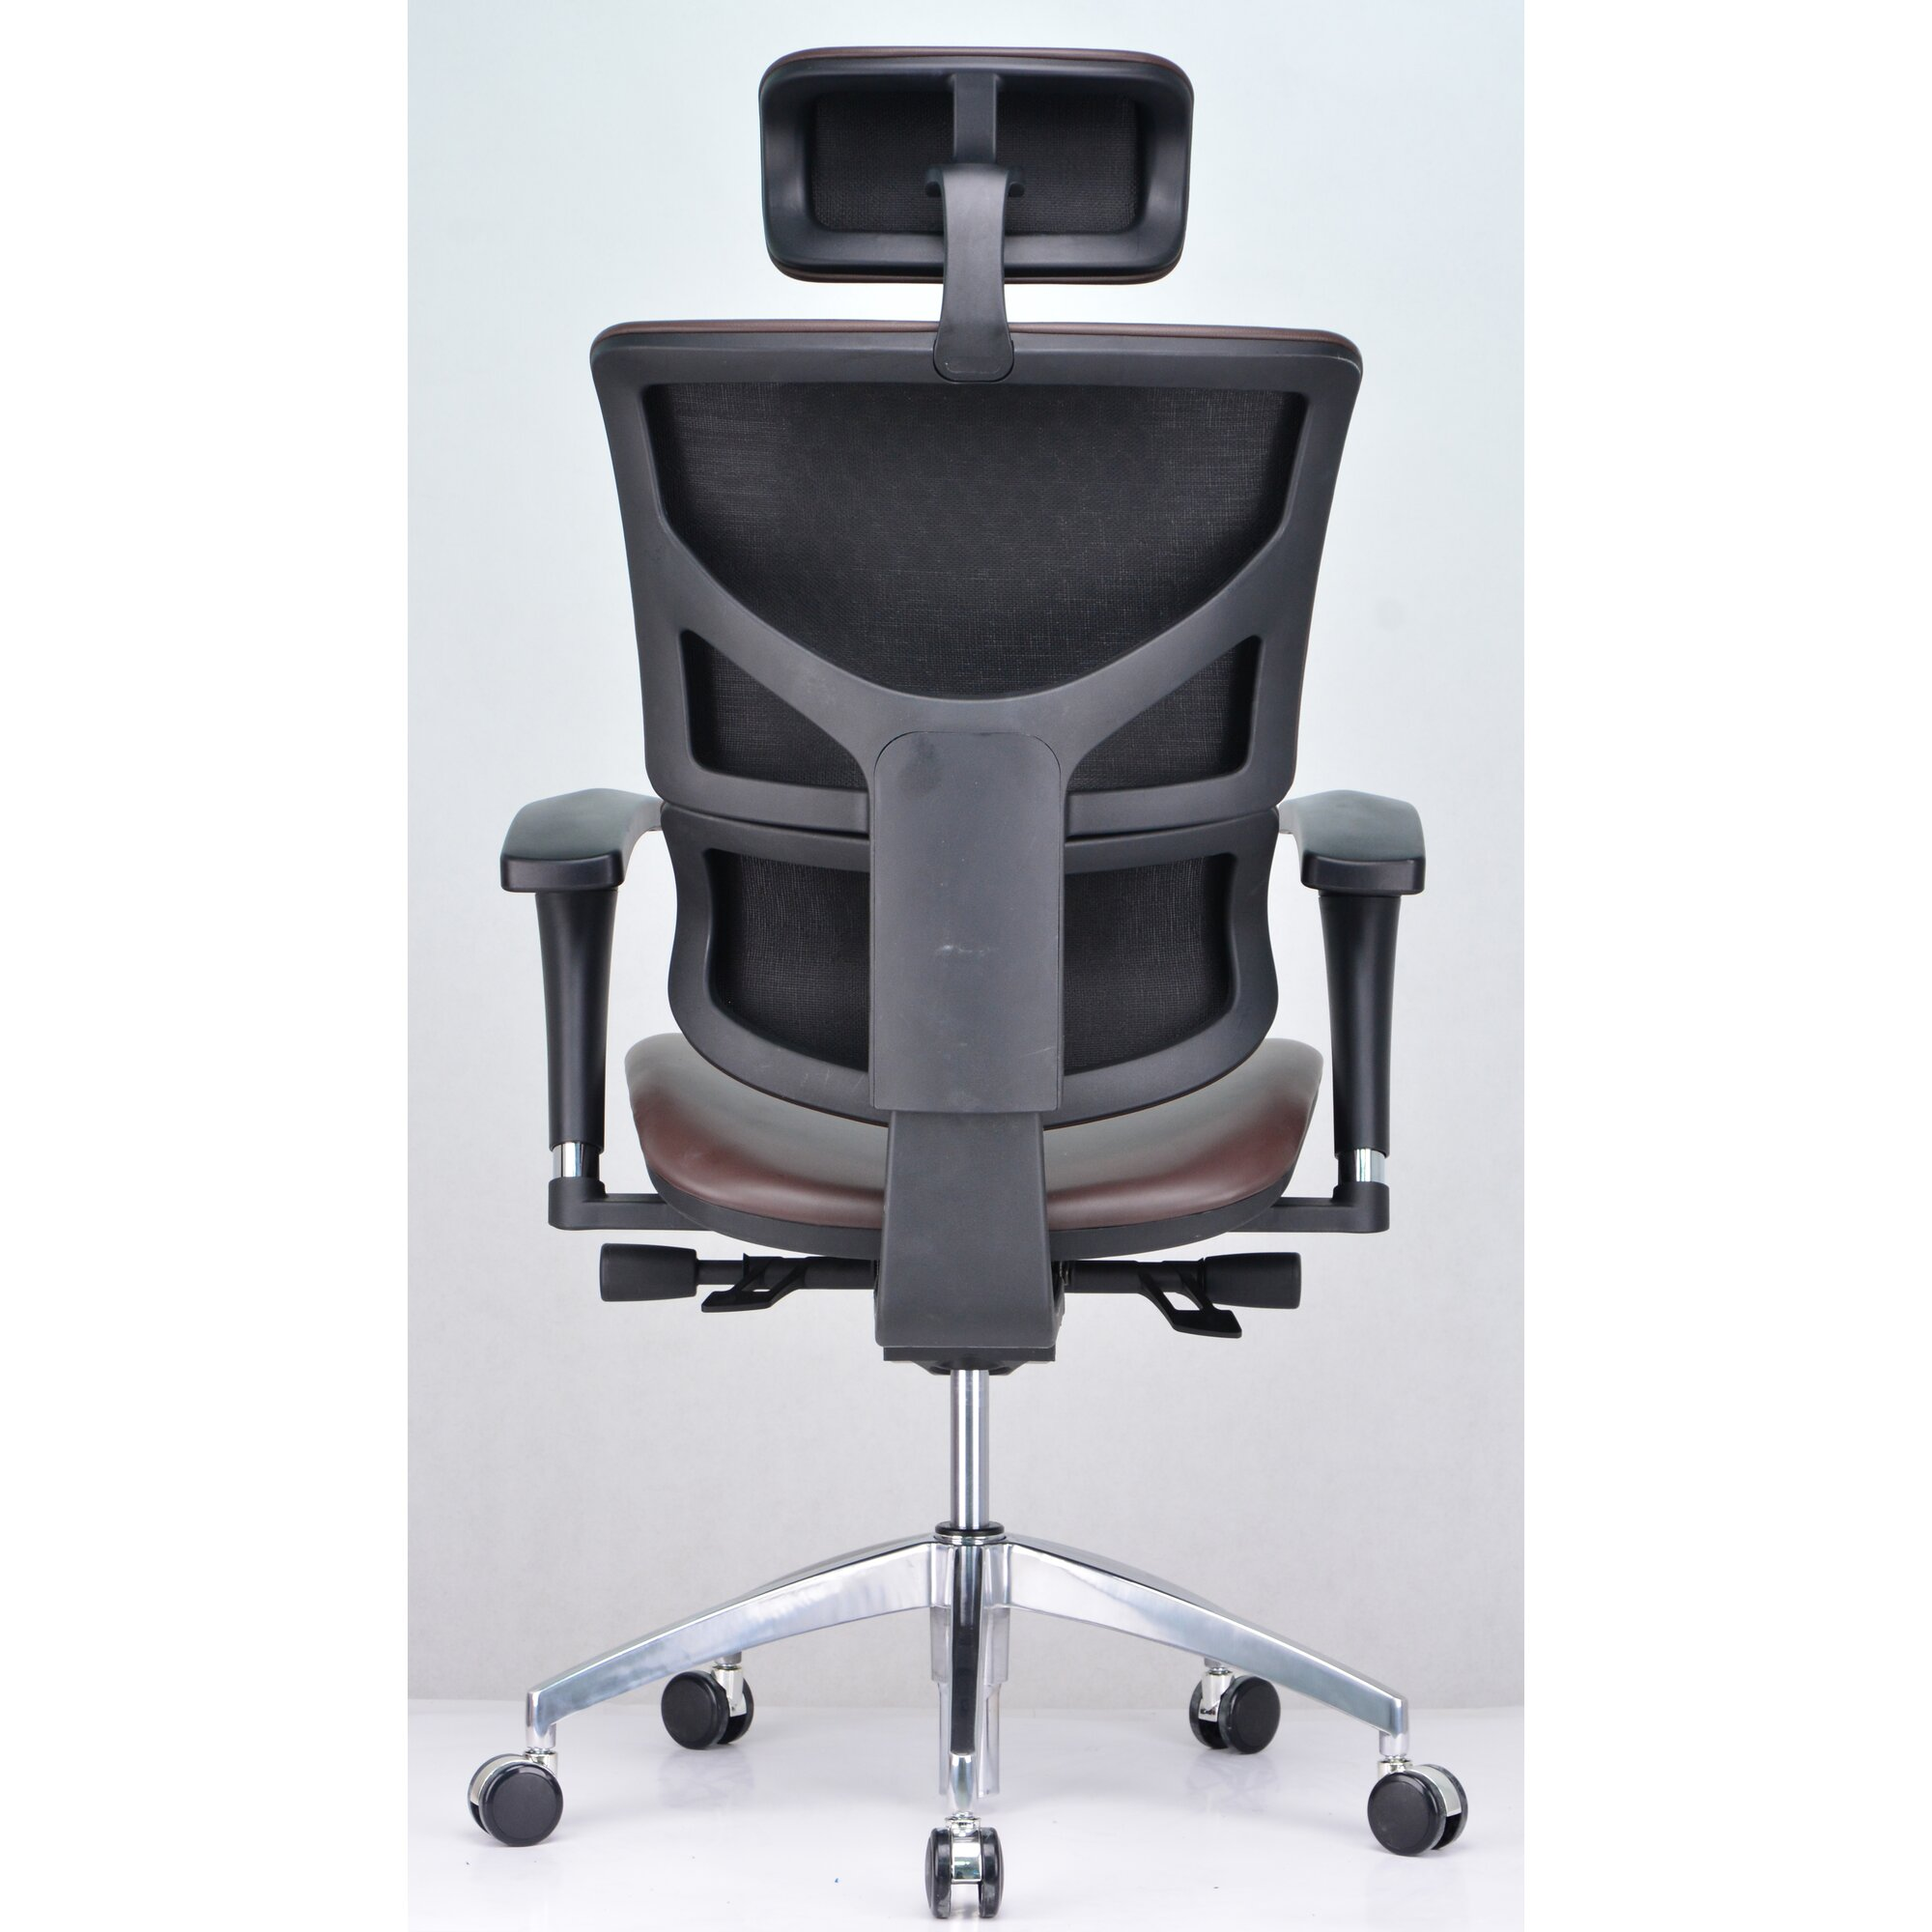 Conklin fice Furniture Vito Leather Executive Chair